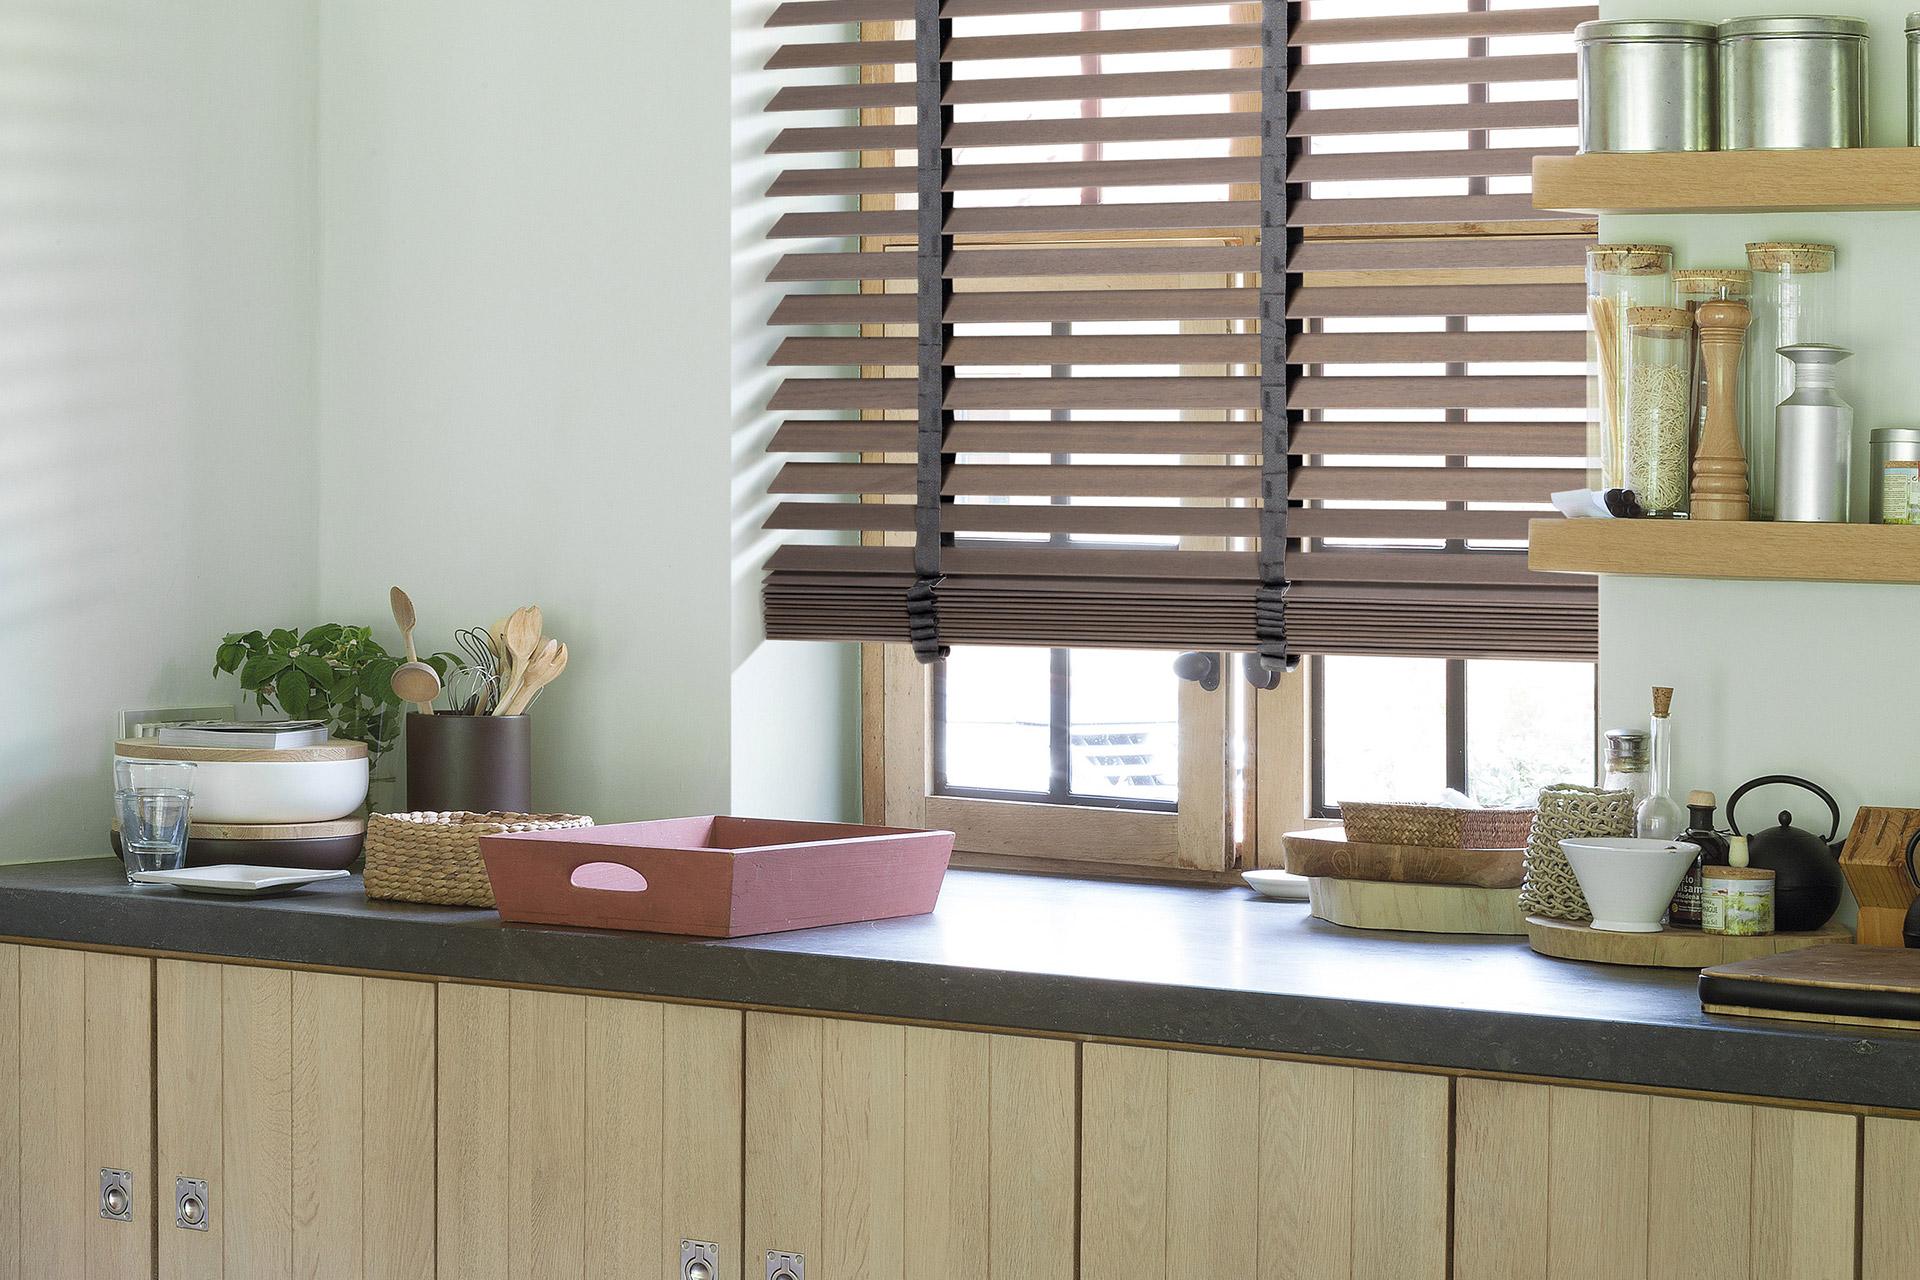 Raamdecoratie In De Keuken